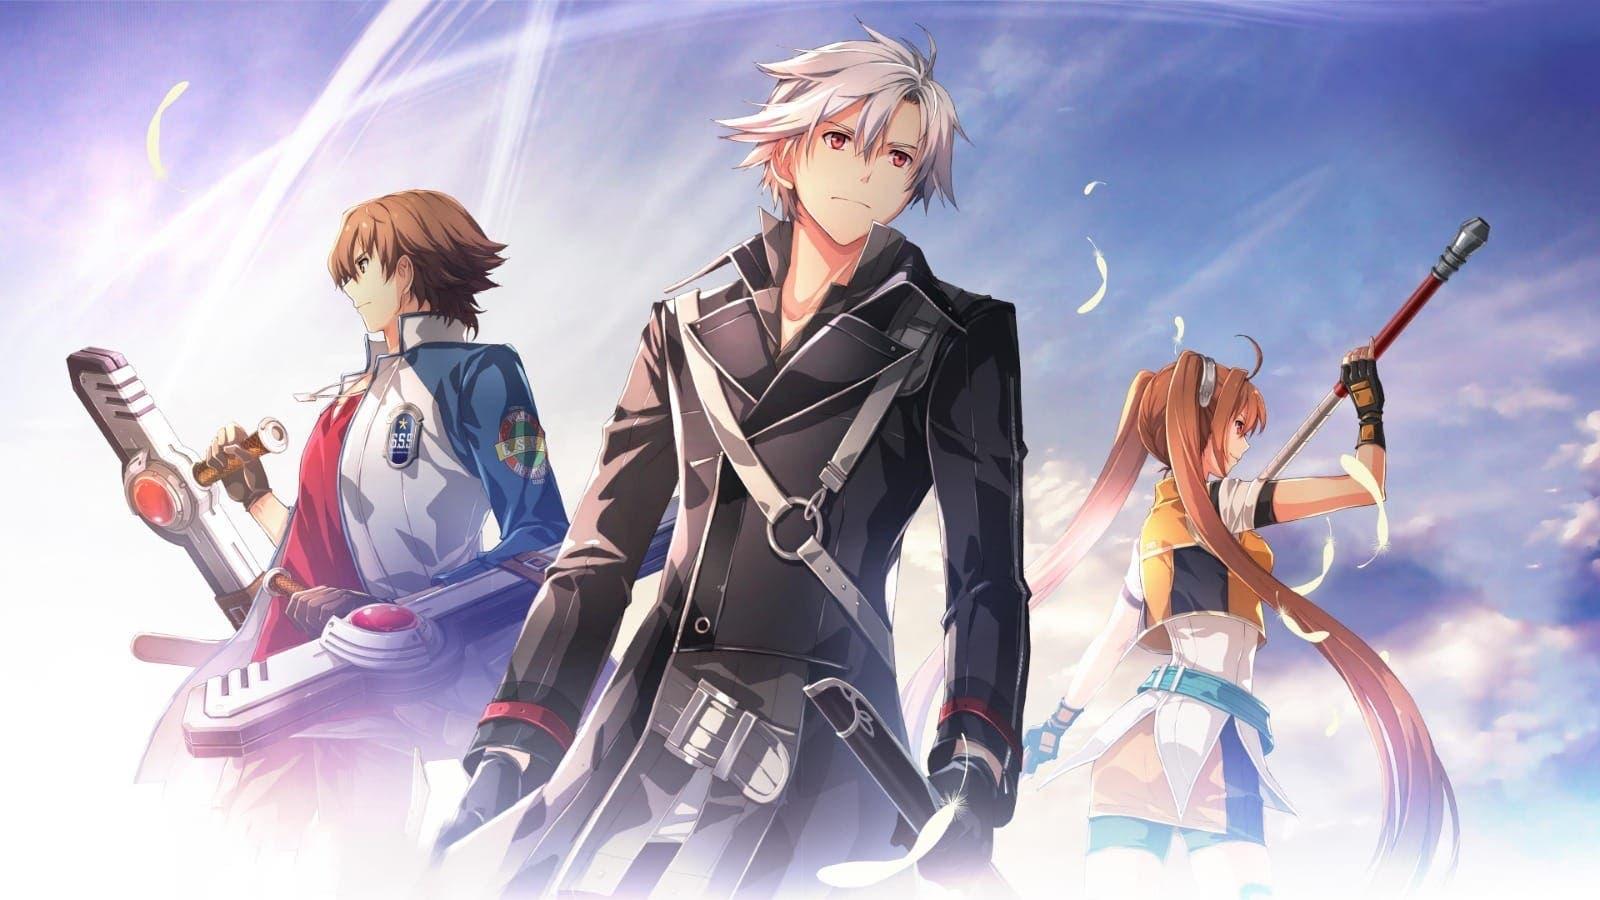 Imagen de Nihon Falcom estaría trabajando en nuevas entregas de la saga Trials para PlayStation 4